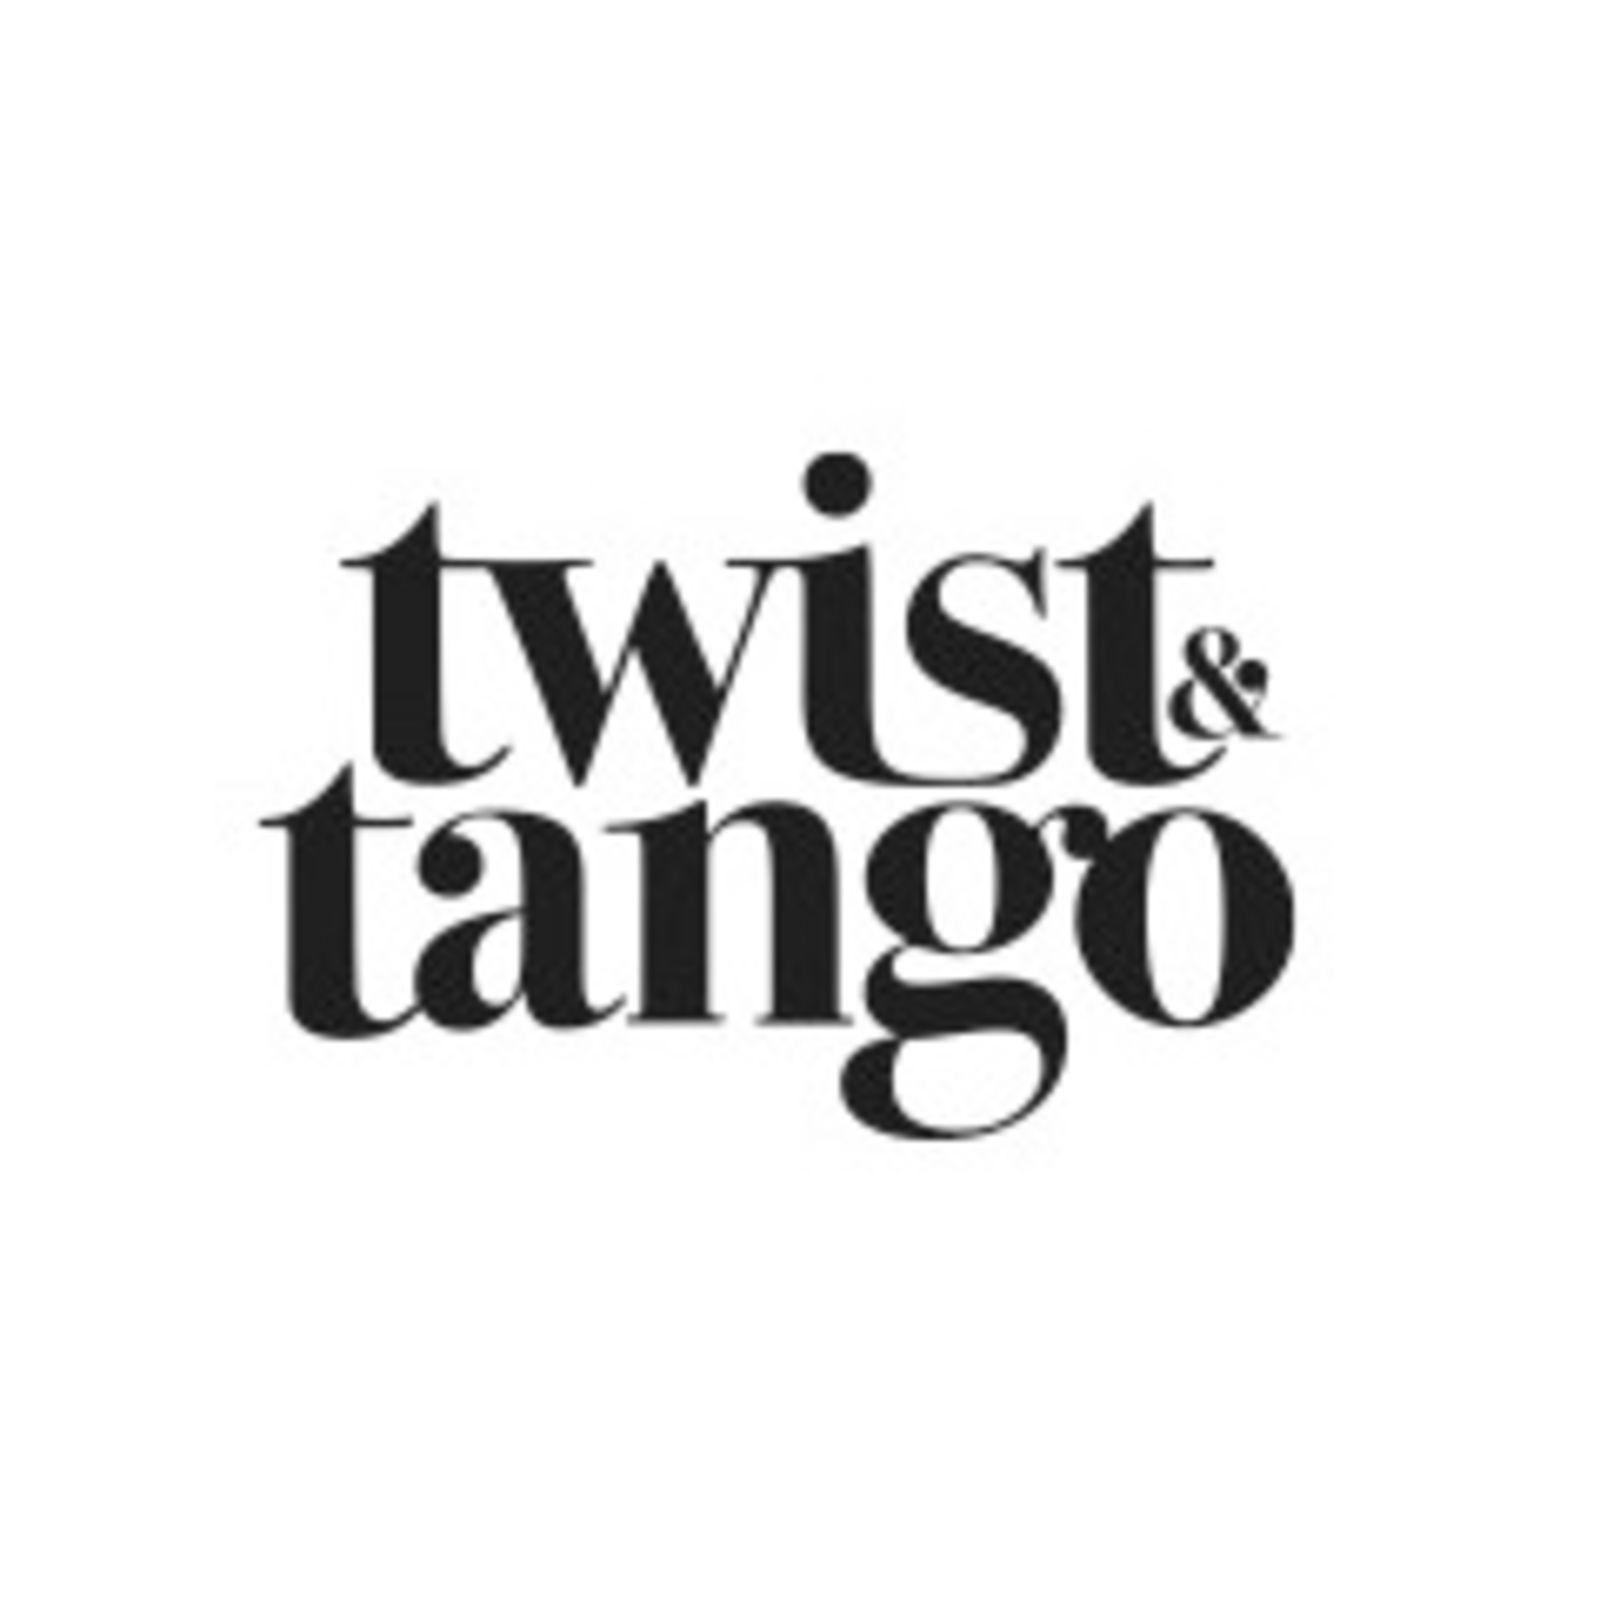 twist & tango (Bild 1)